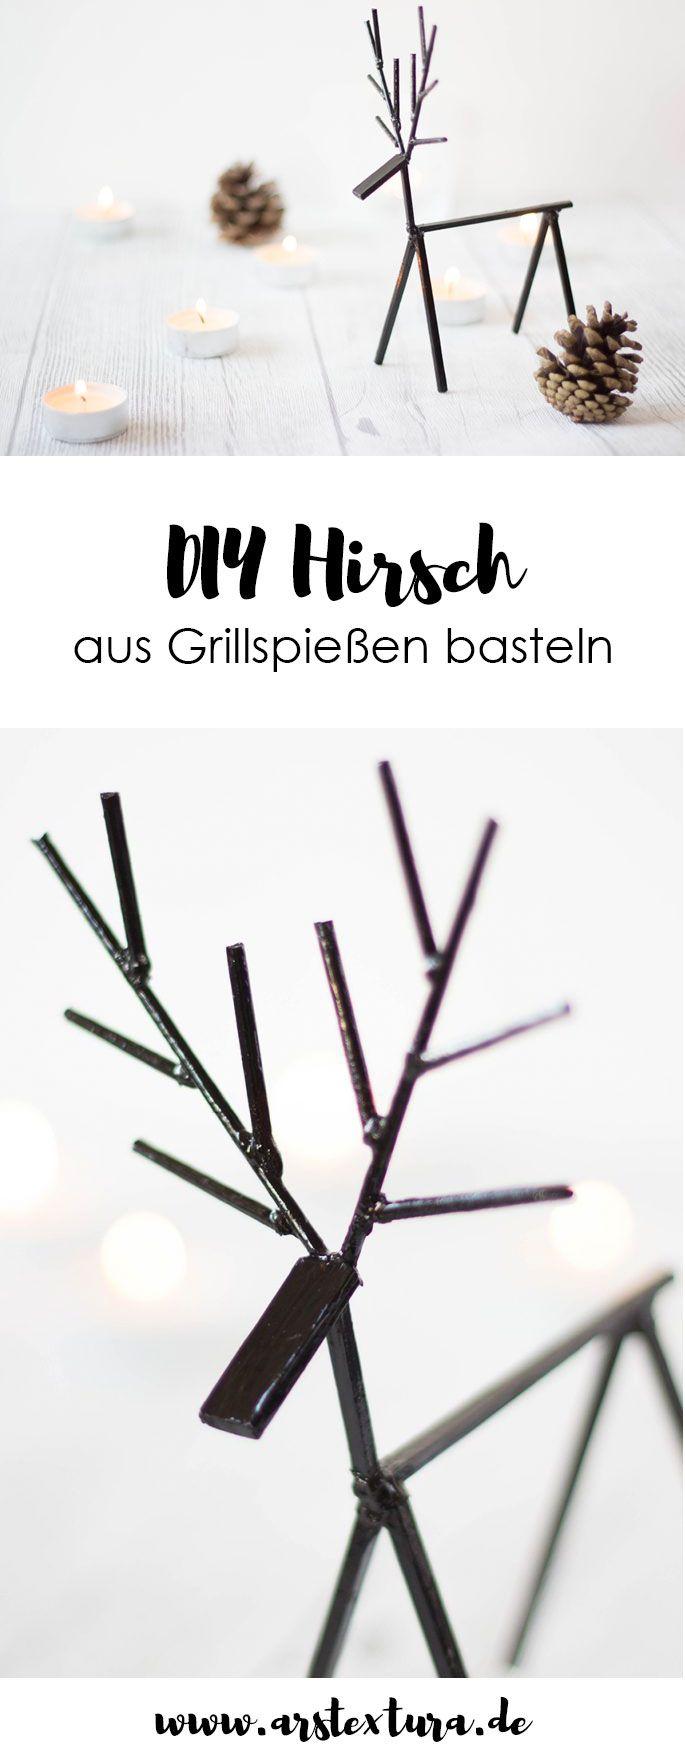 Herbst Deko: DIY Hirsch aus Grillspießen basteln